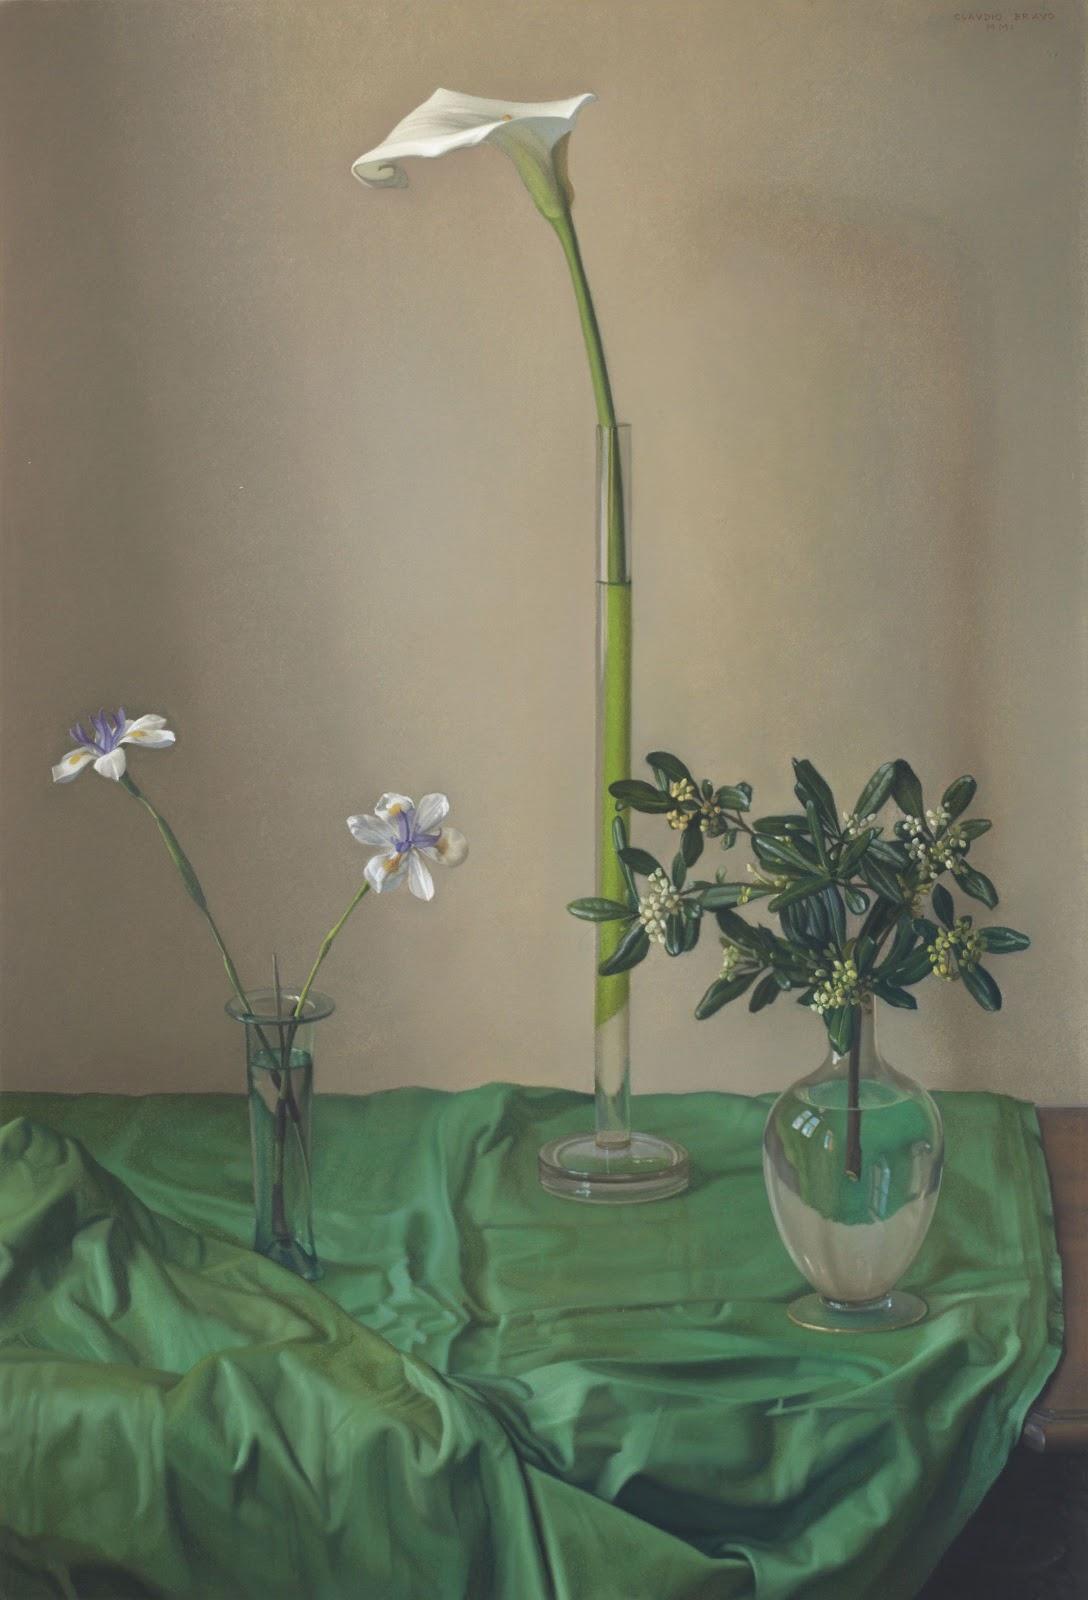 Claudio  ravo Camus Flowers